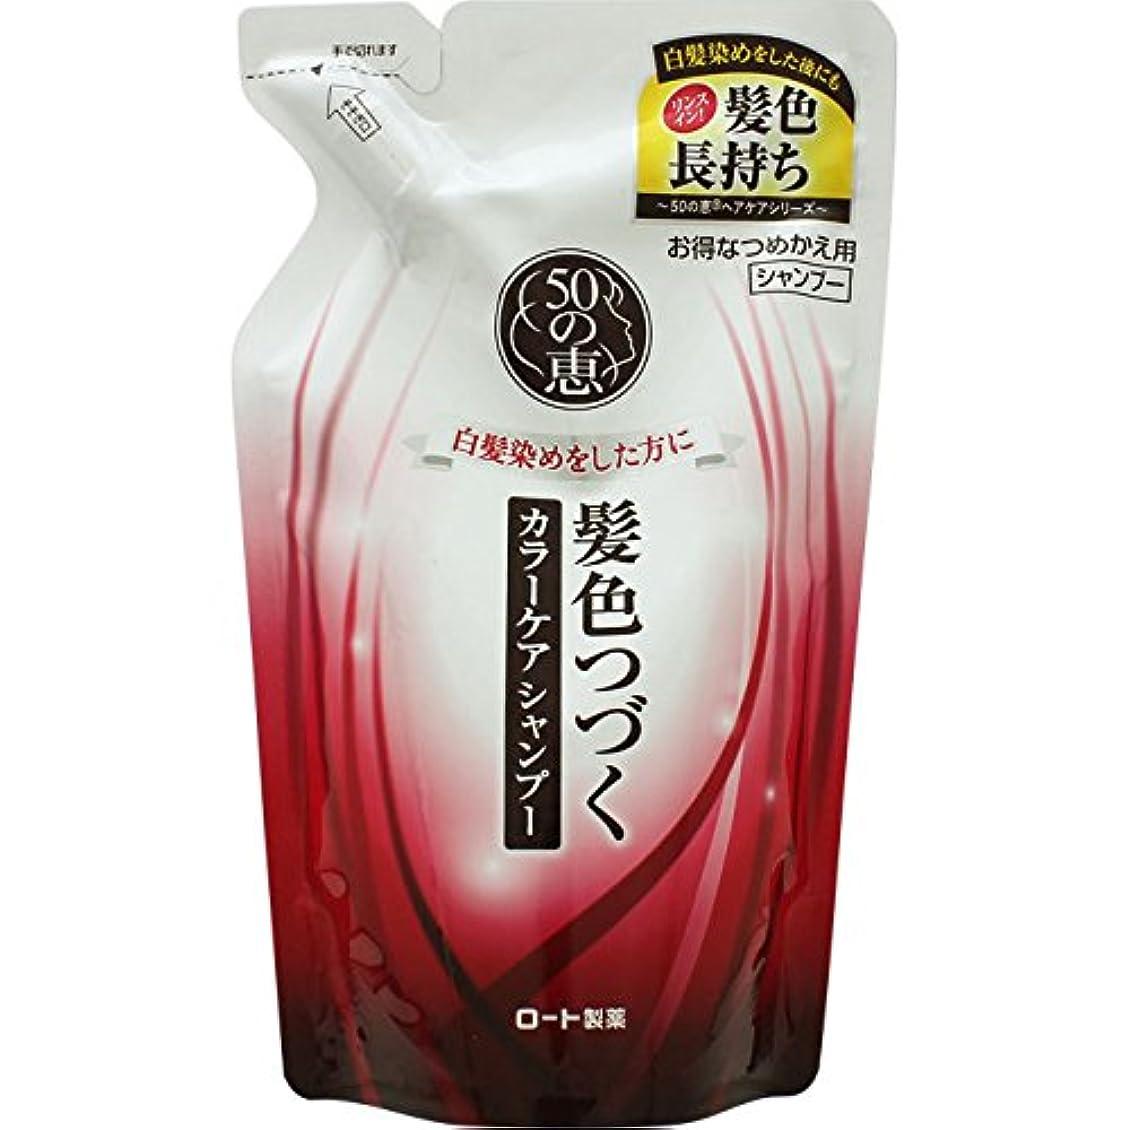 衰える溶かすラップロート製薬 50の恵エイジングケア カラーケアシャンプー 詰替用 330mL